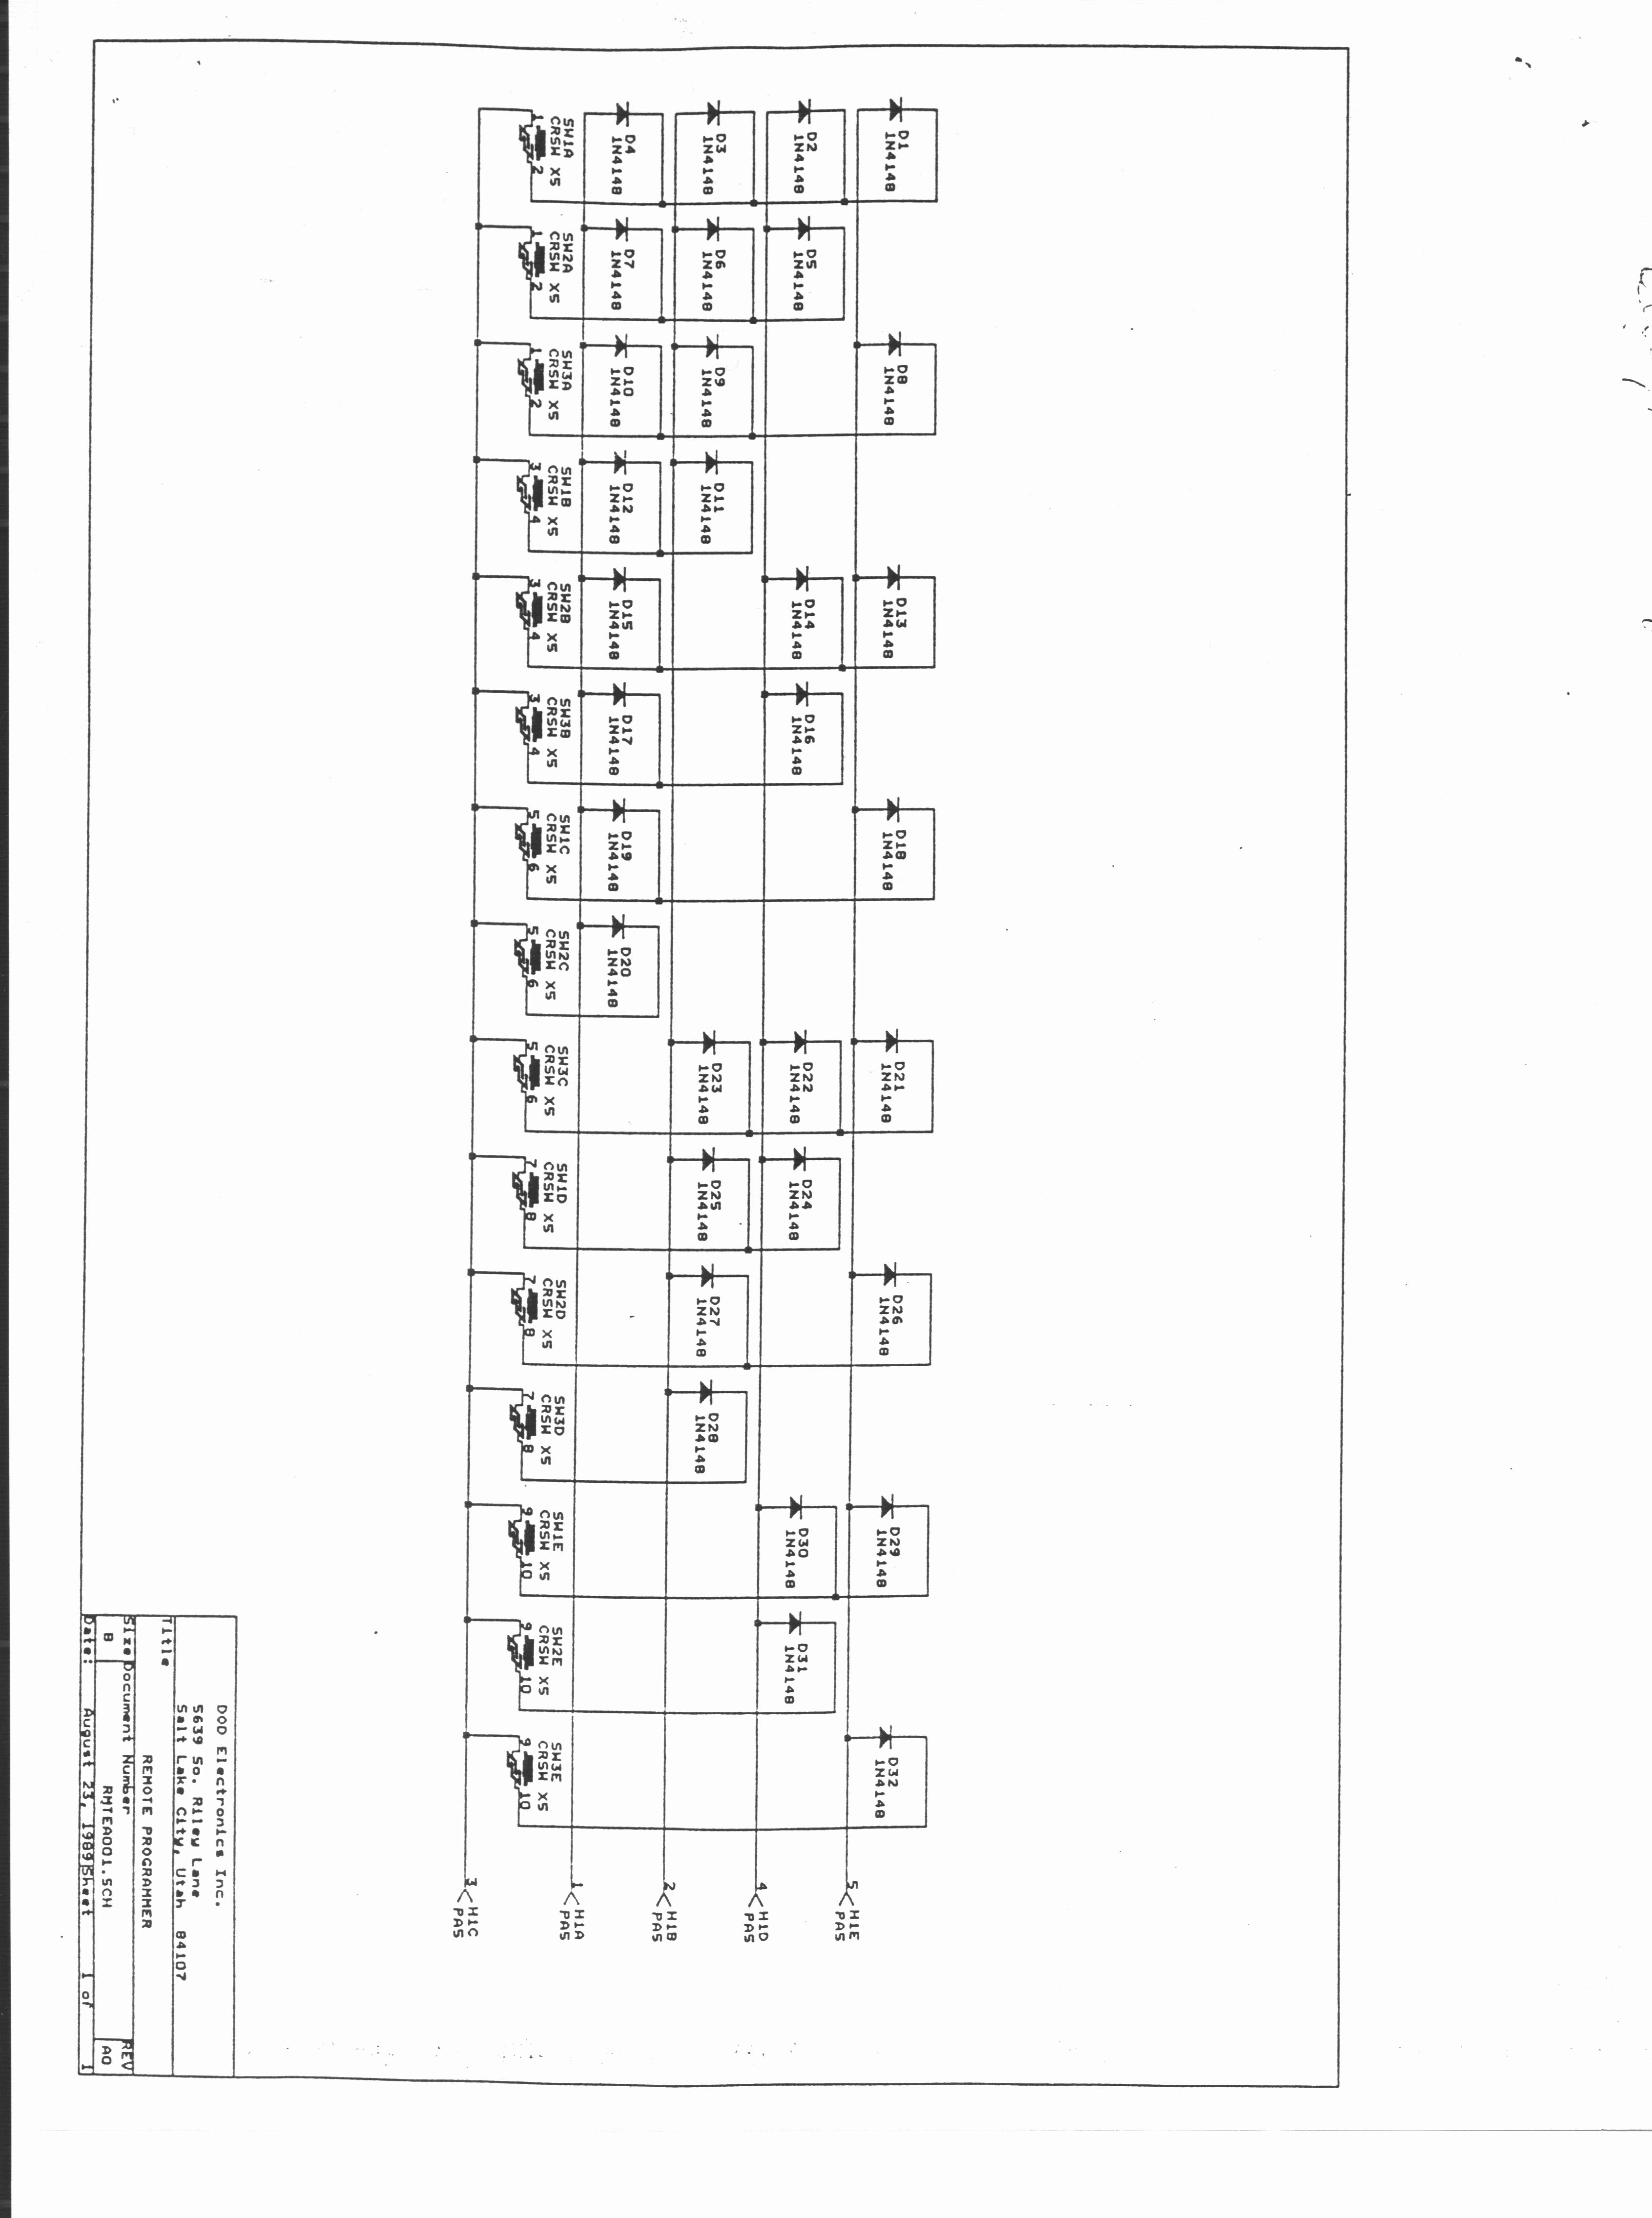 Midi Pedal Schematics